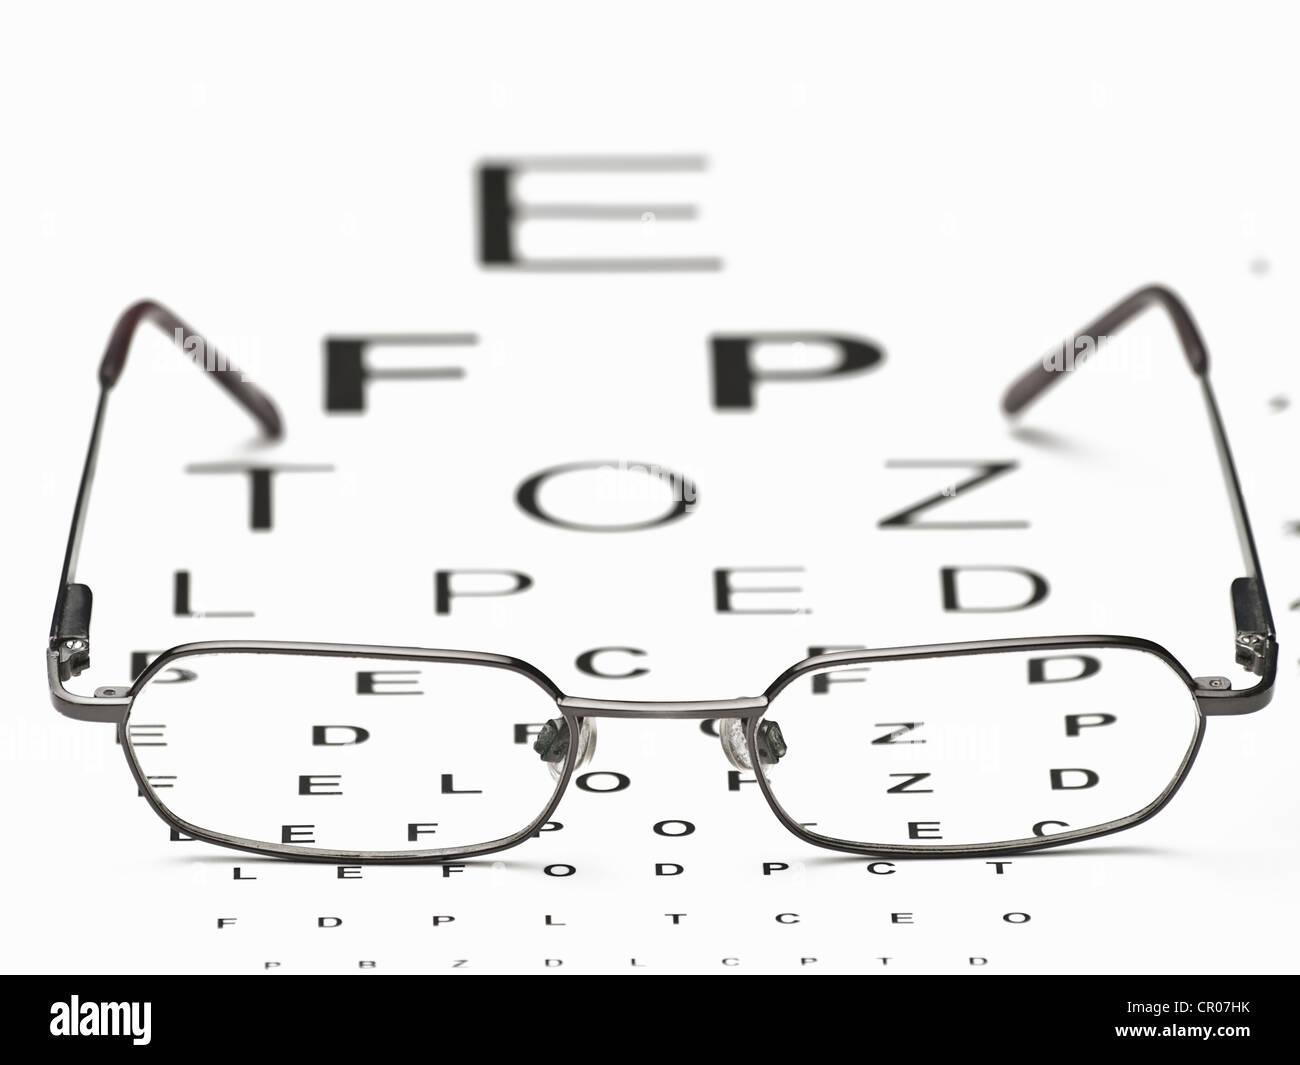 Glasses On The Snellen Eye Chart For Eye Sight Testinghealth Care